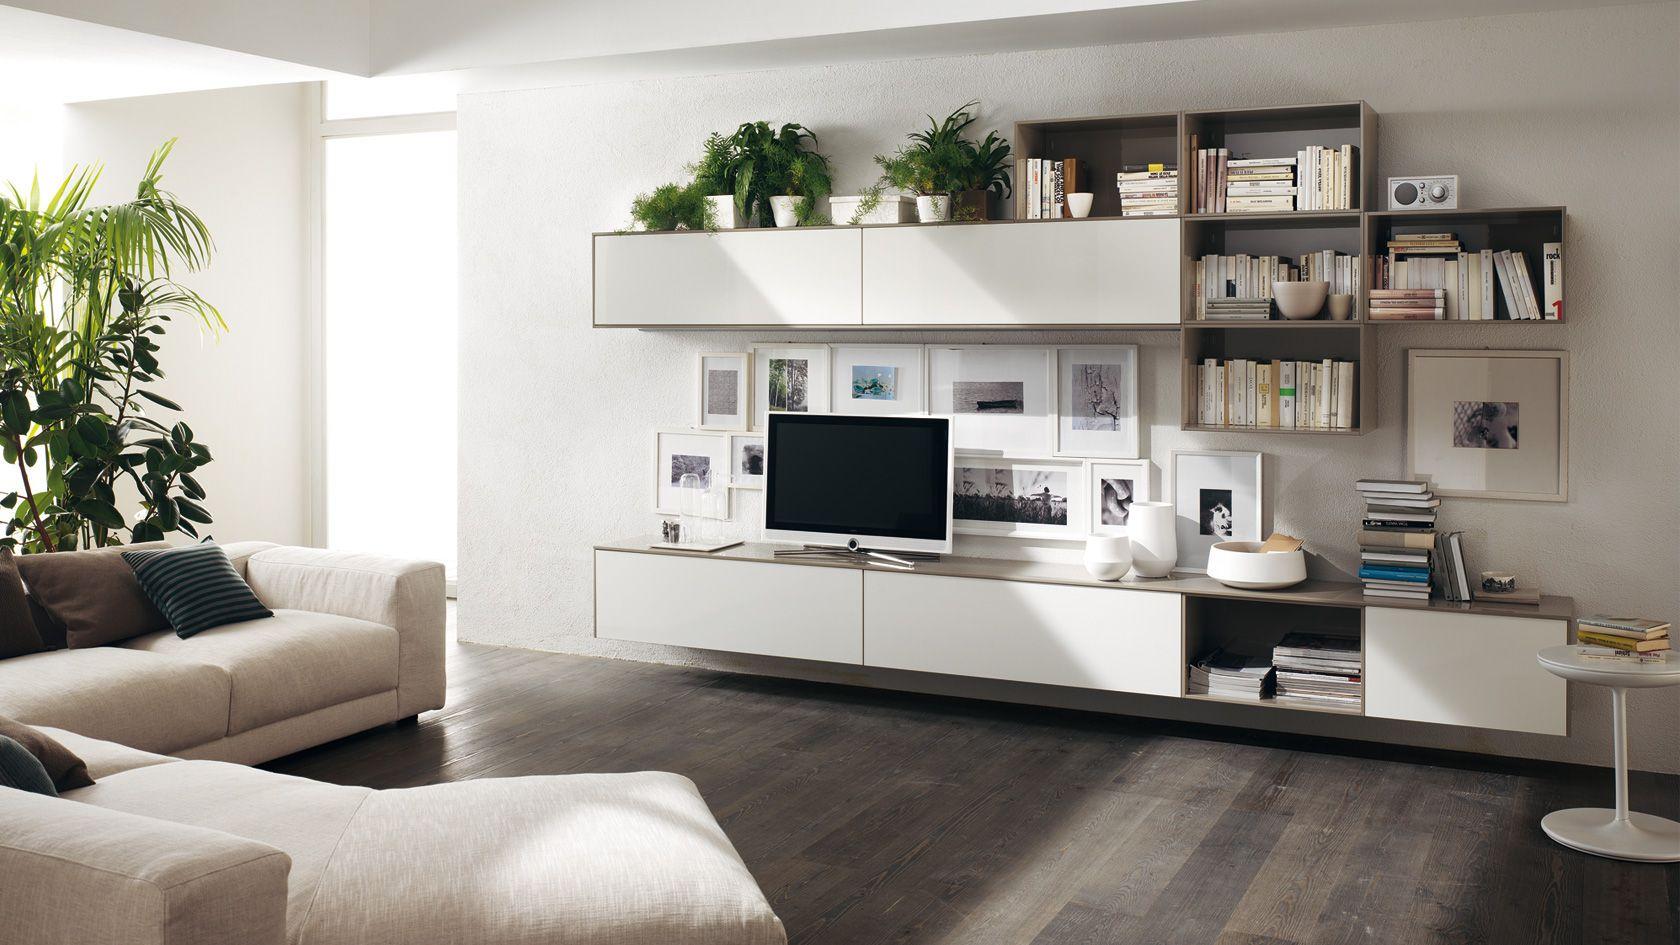 Arredamento soggiorno Feel e Scenery   Sito ufficiale Scavolini ...